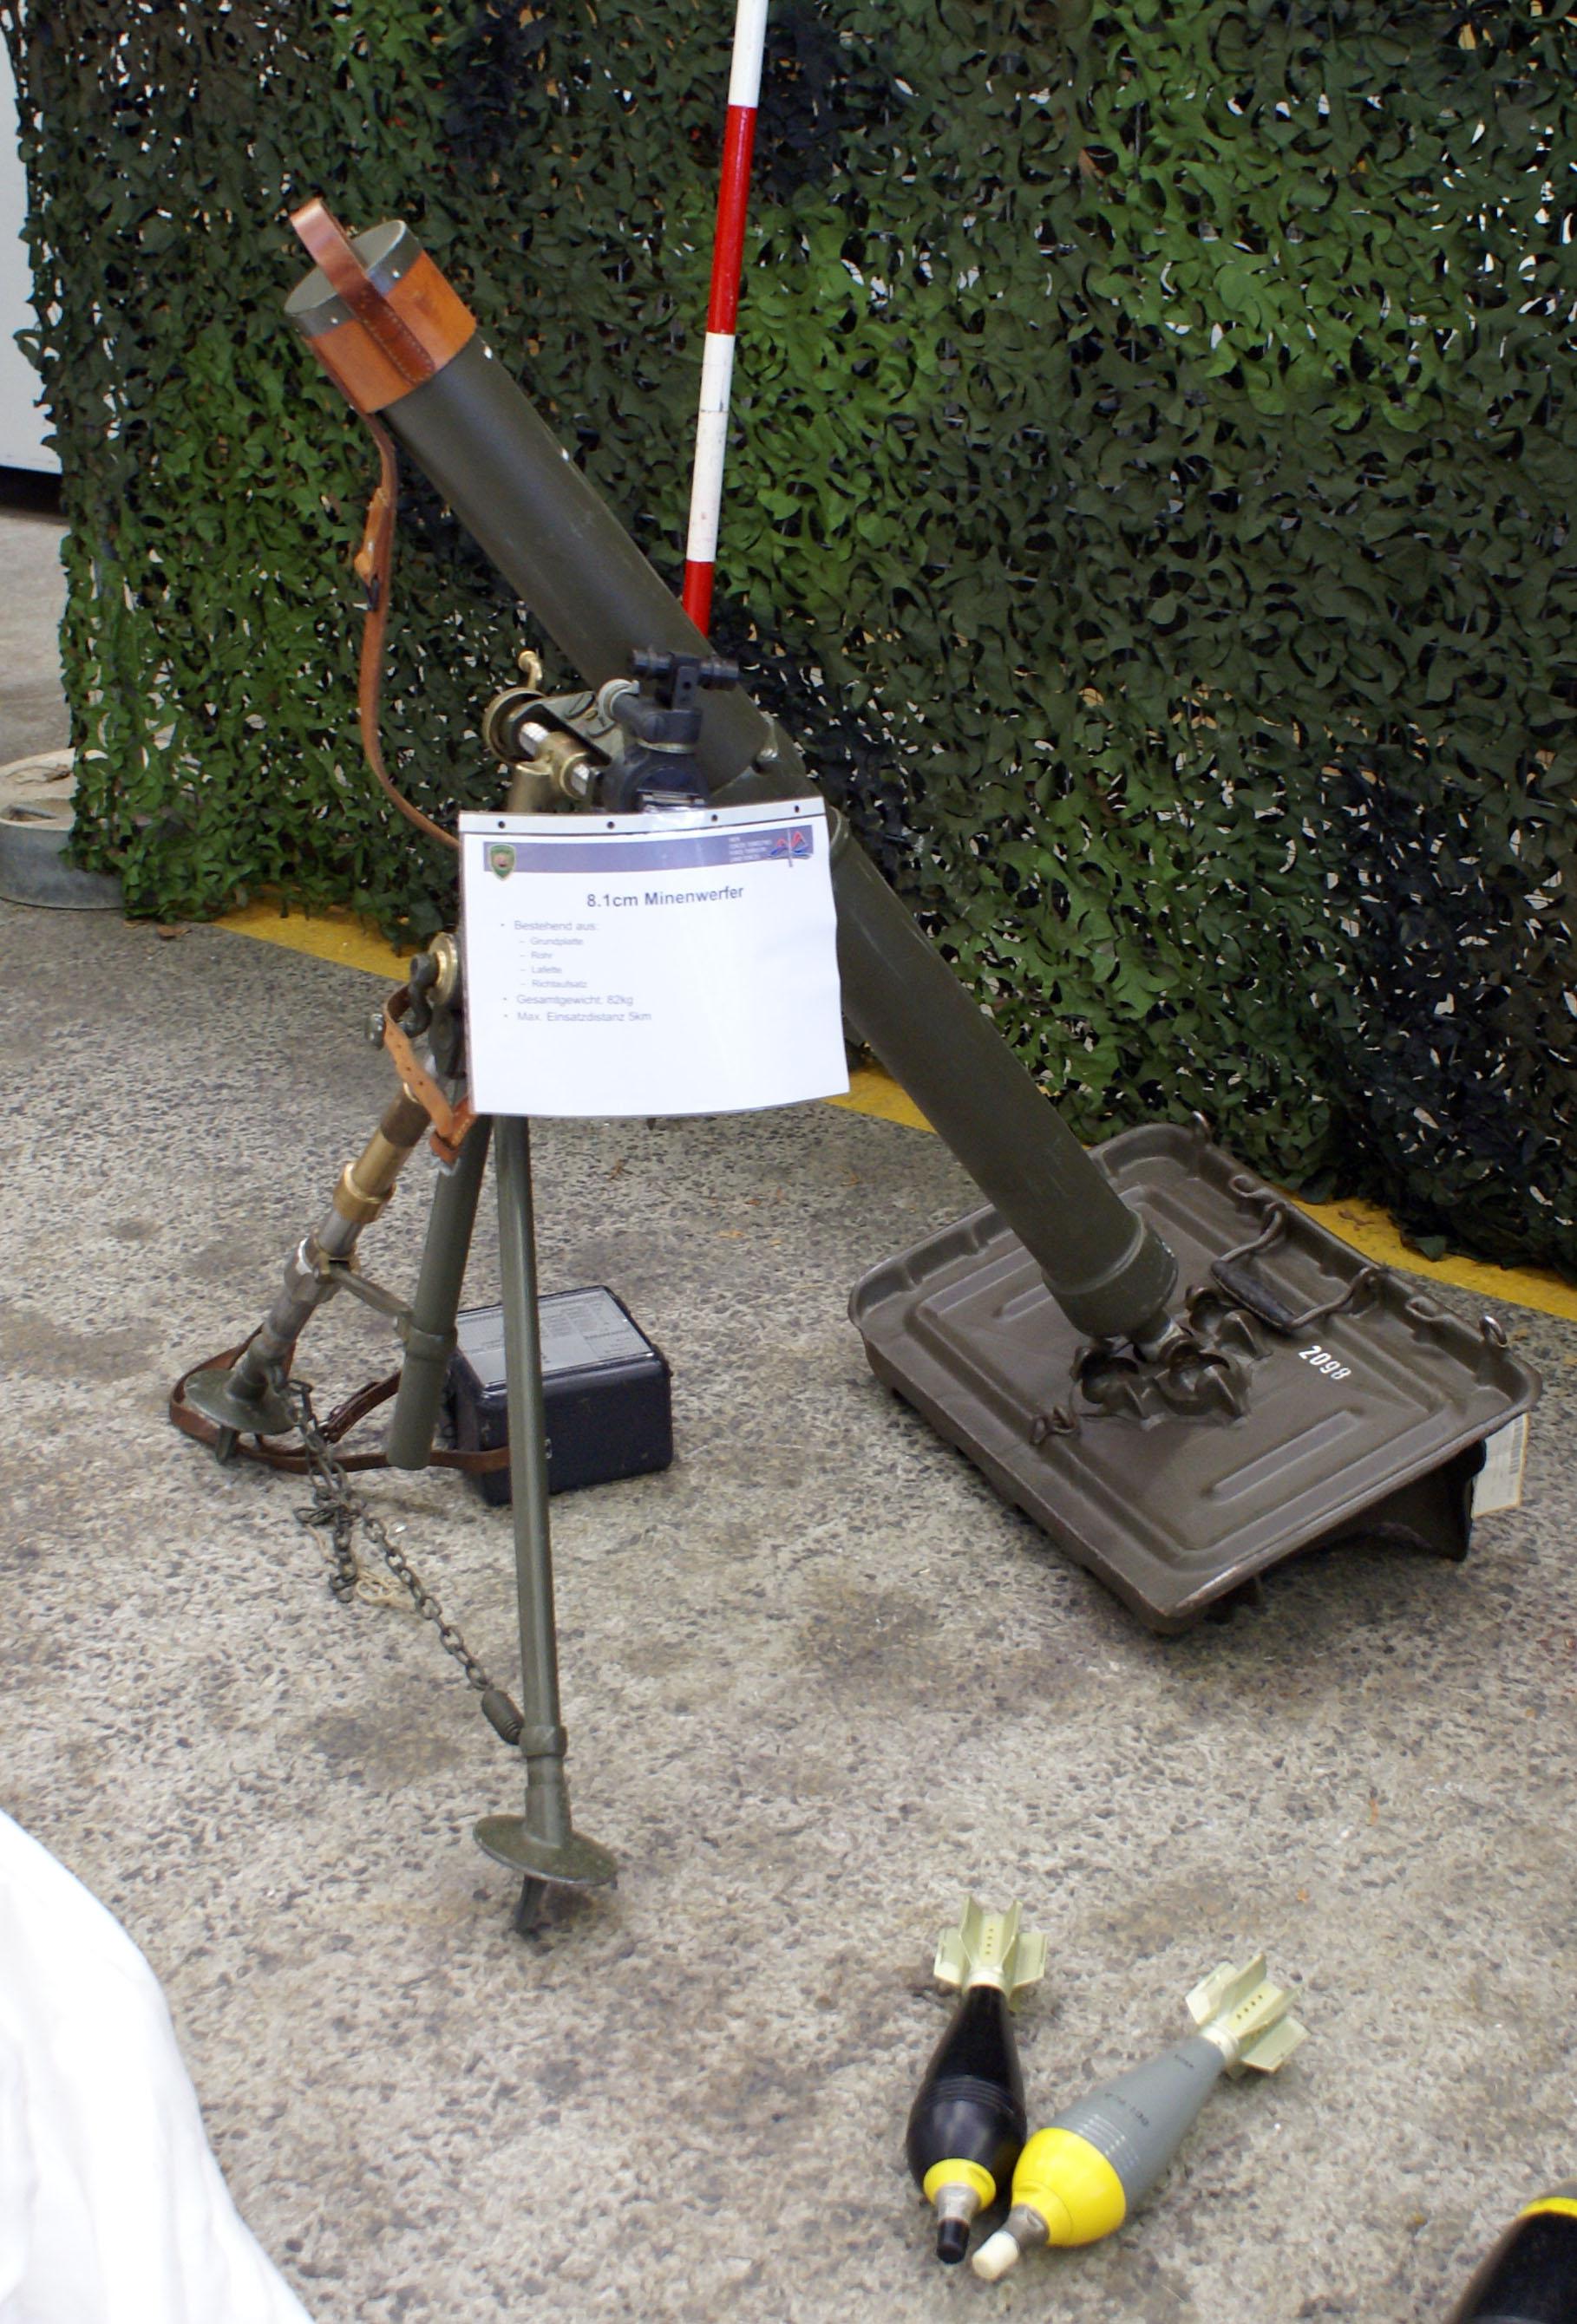 File 8 1cm Minenwerfer Jpg Wikimedia Commons